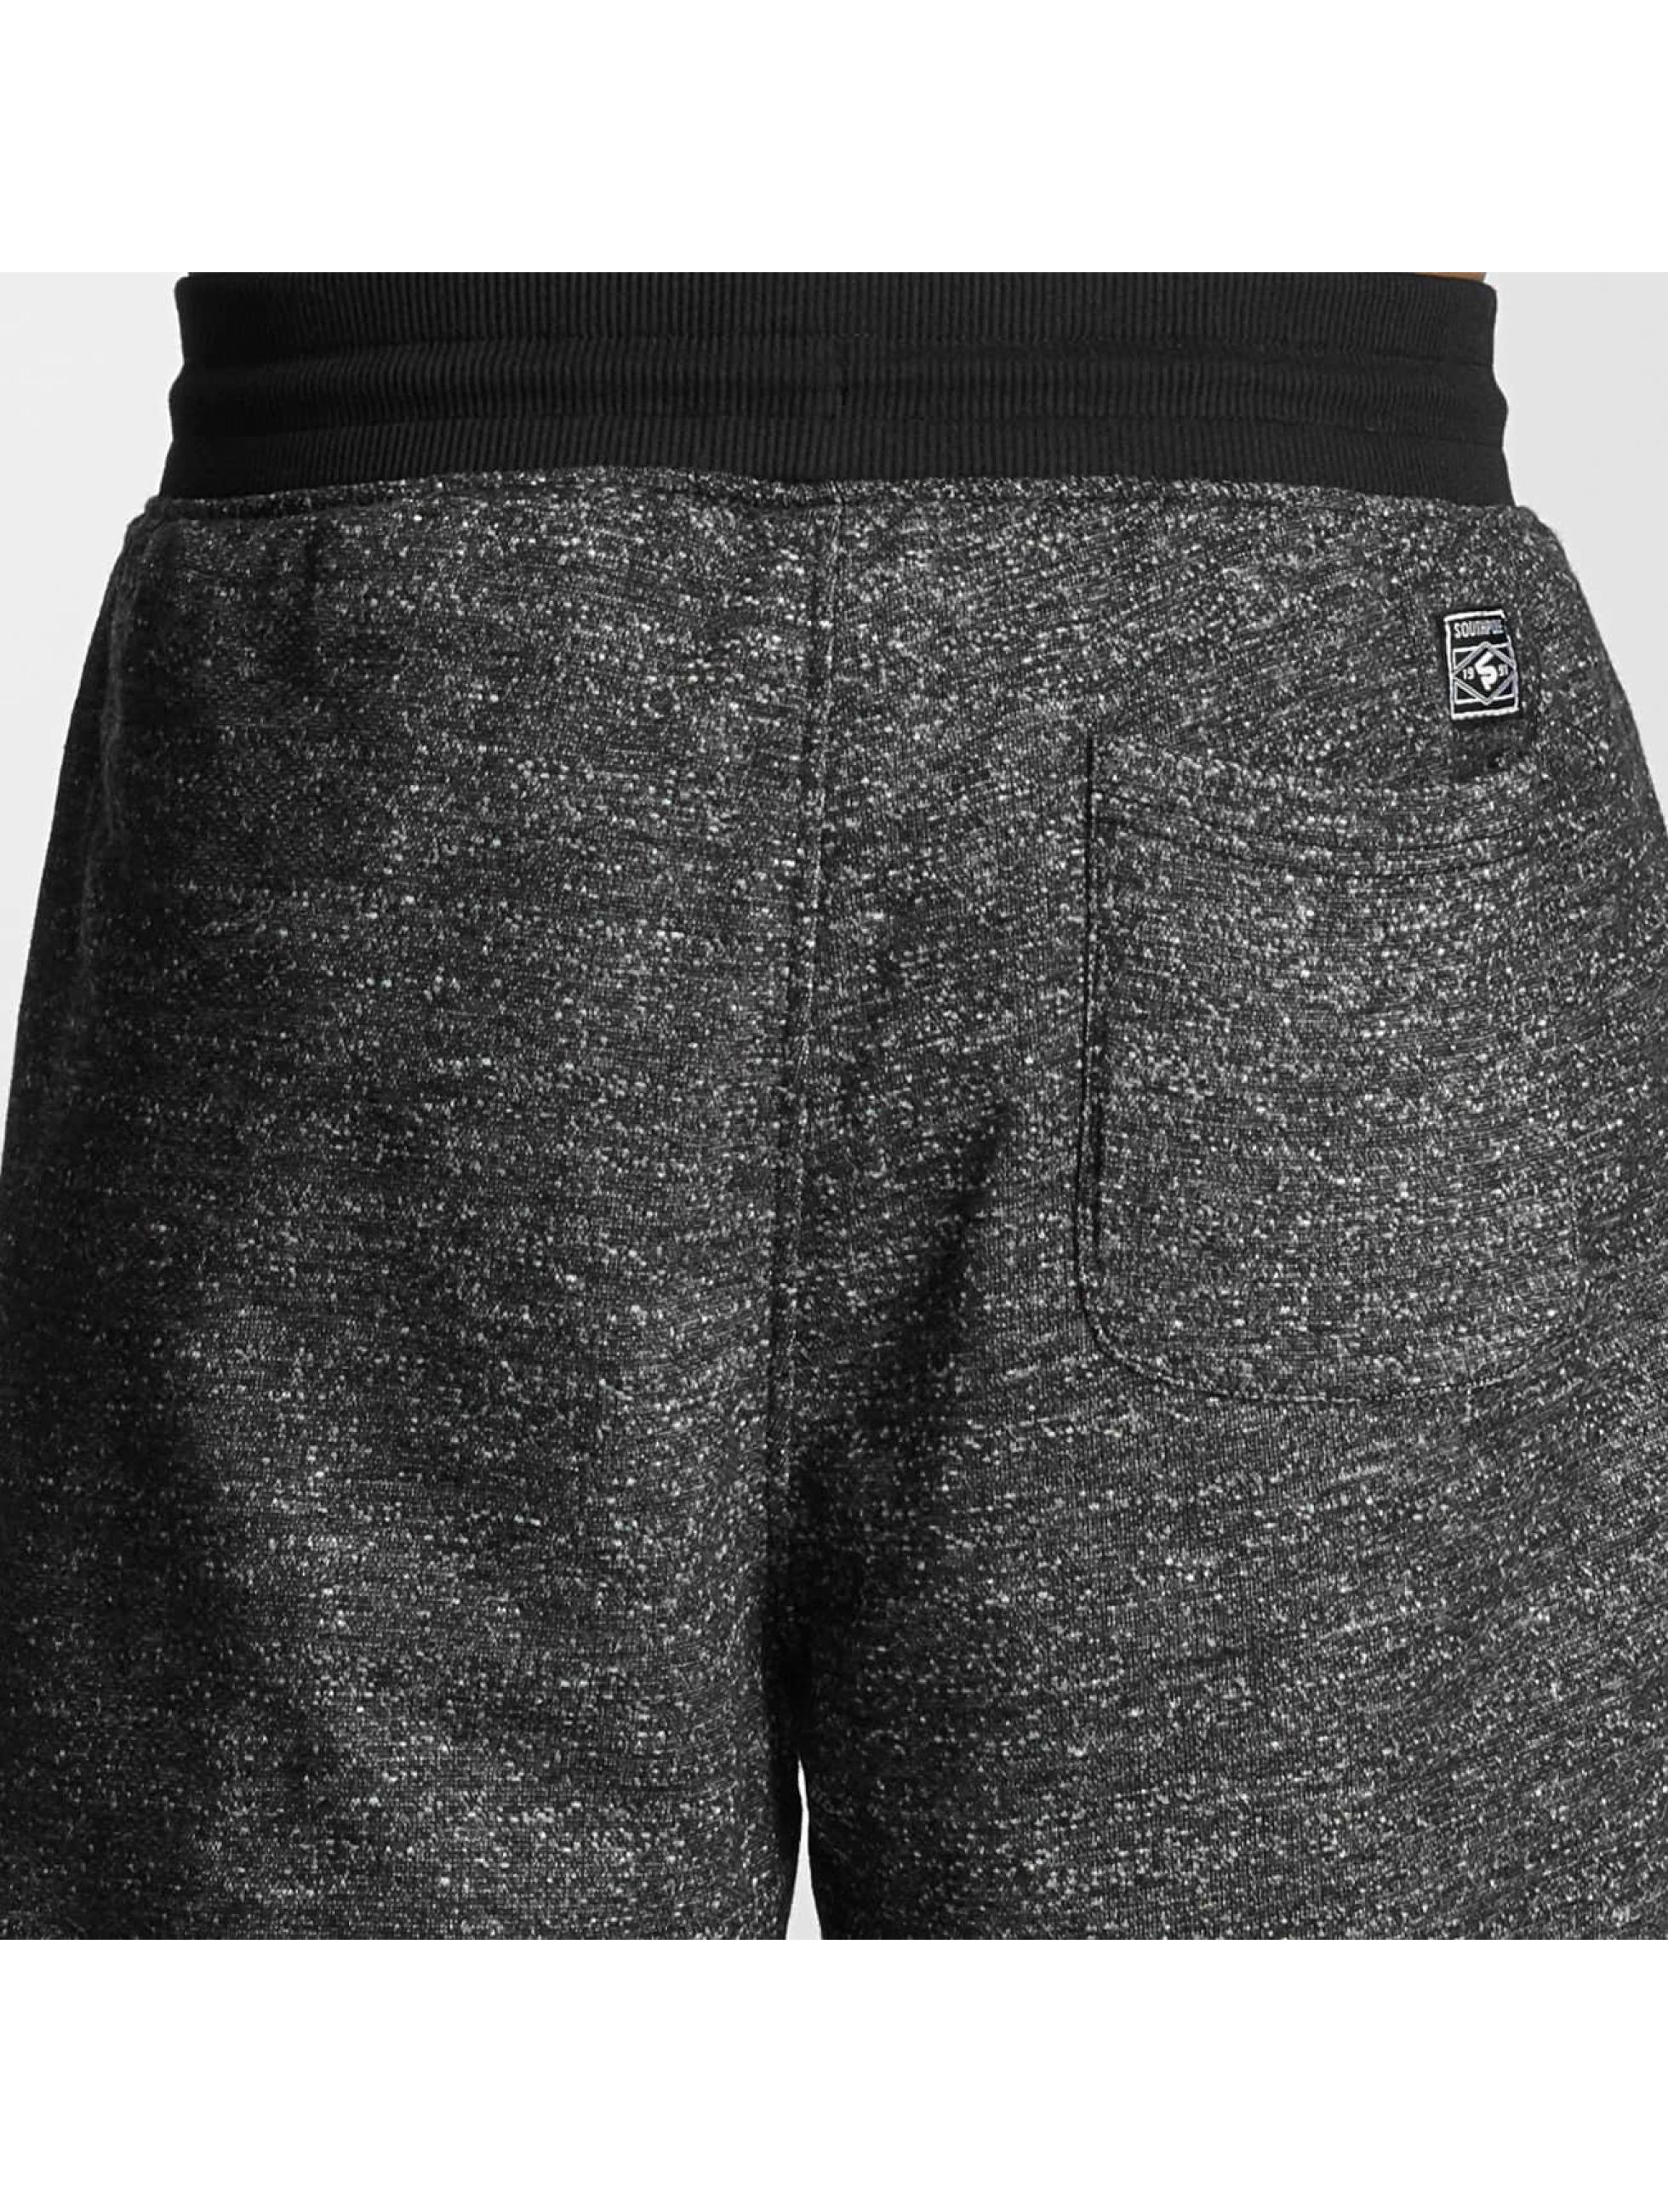 Southpole Jogging kalhoty Trapaholic čern